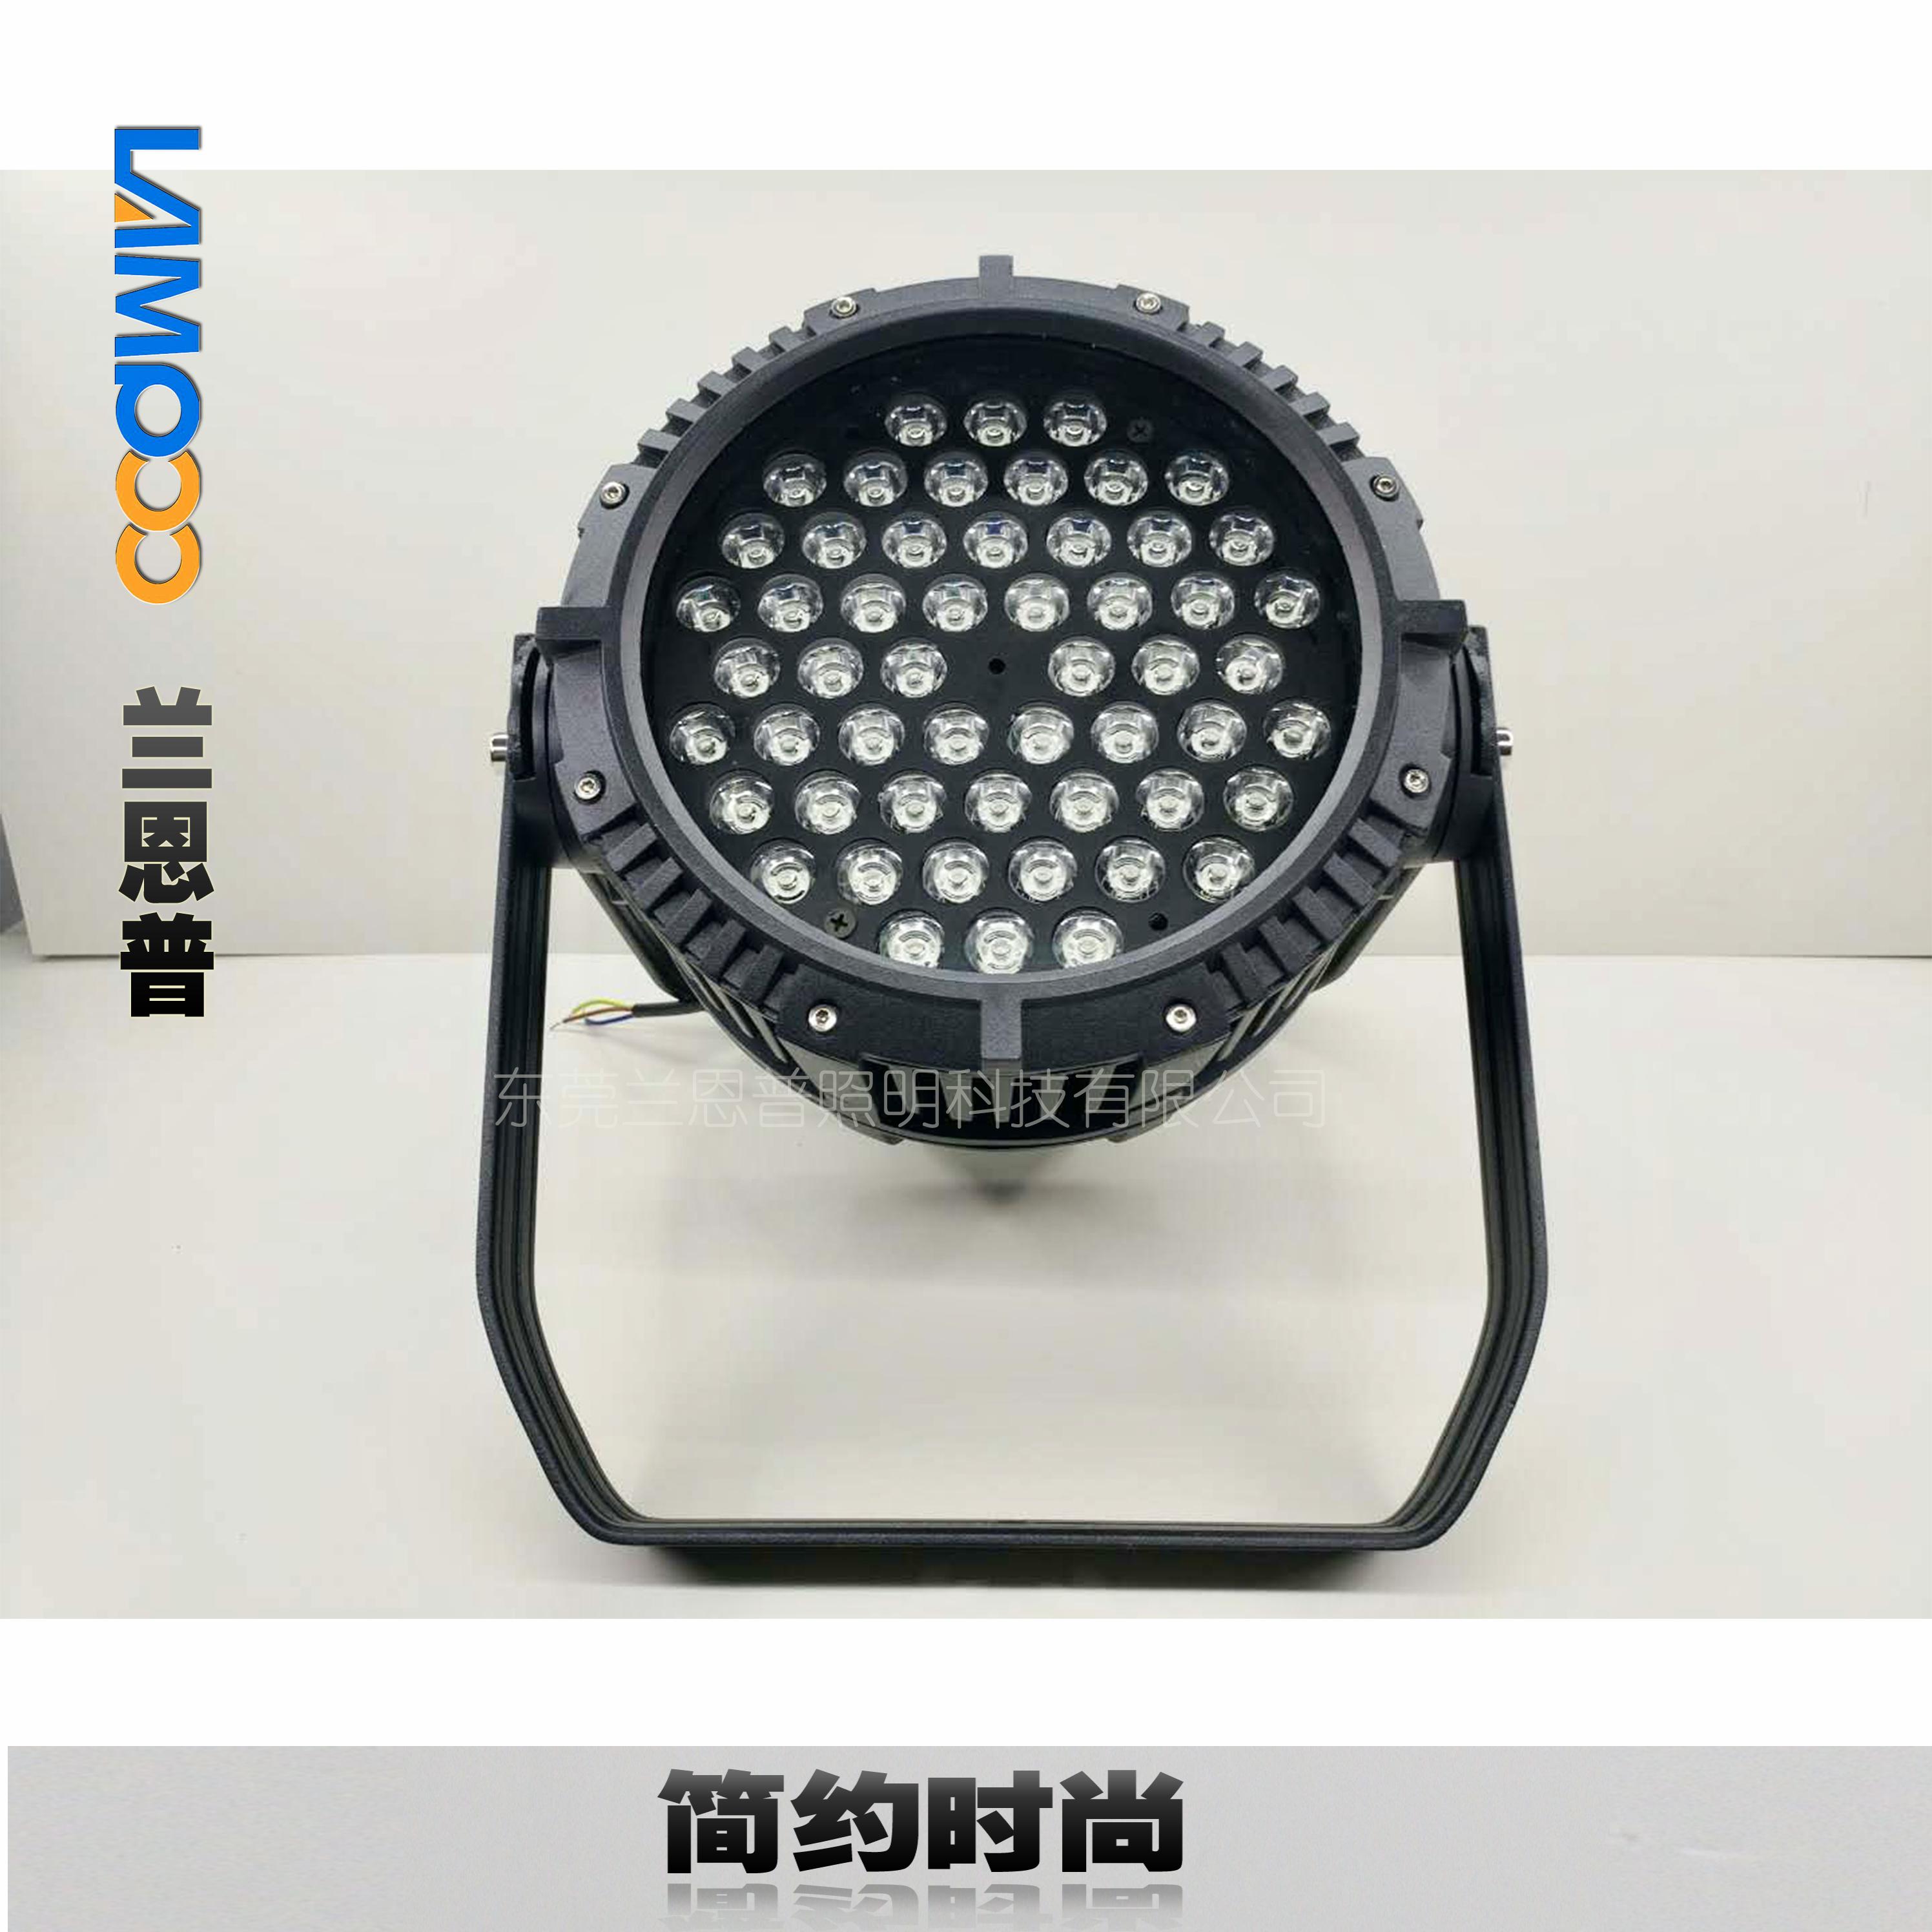 广东 LED投光灯 LED圆形投光灯生产厂家 东莞优质LED圆形投光灯 LED投光灯